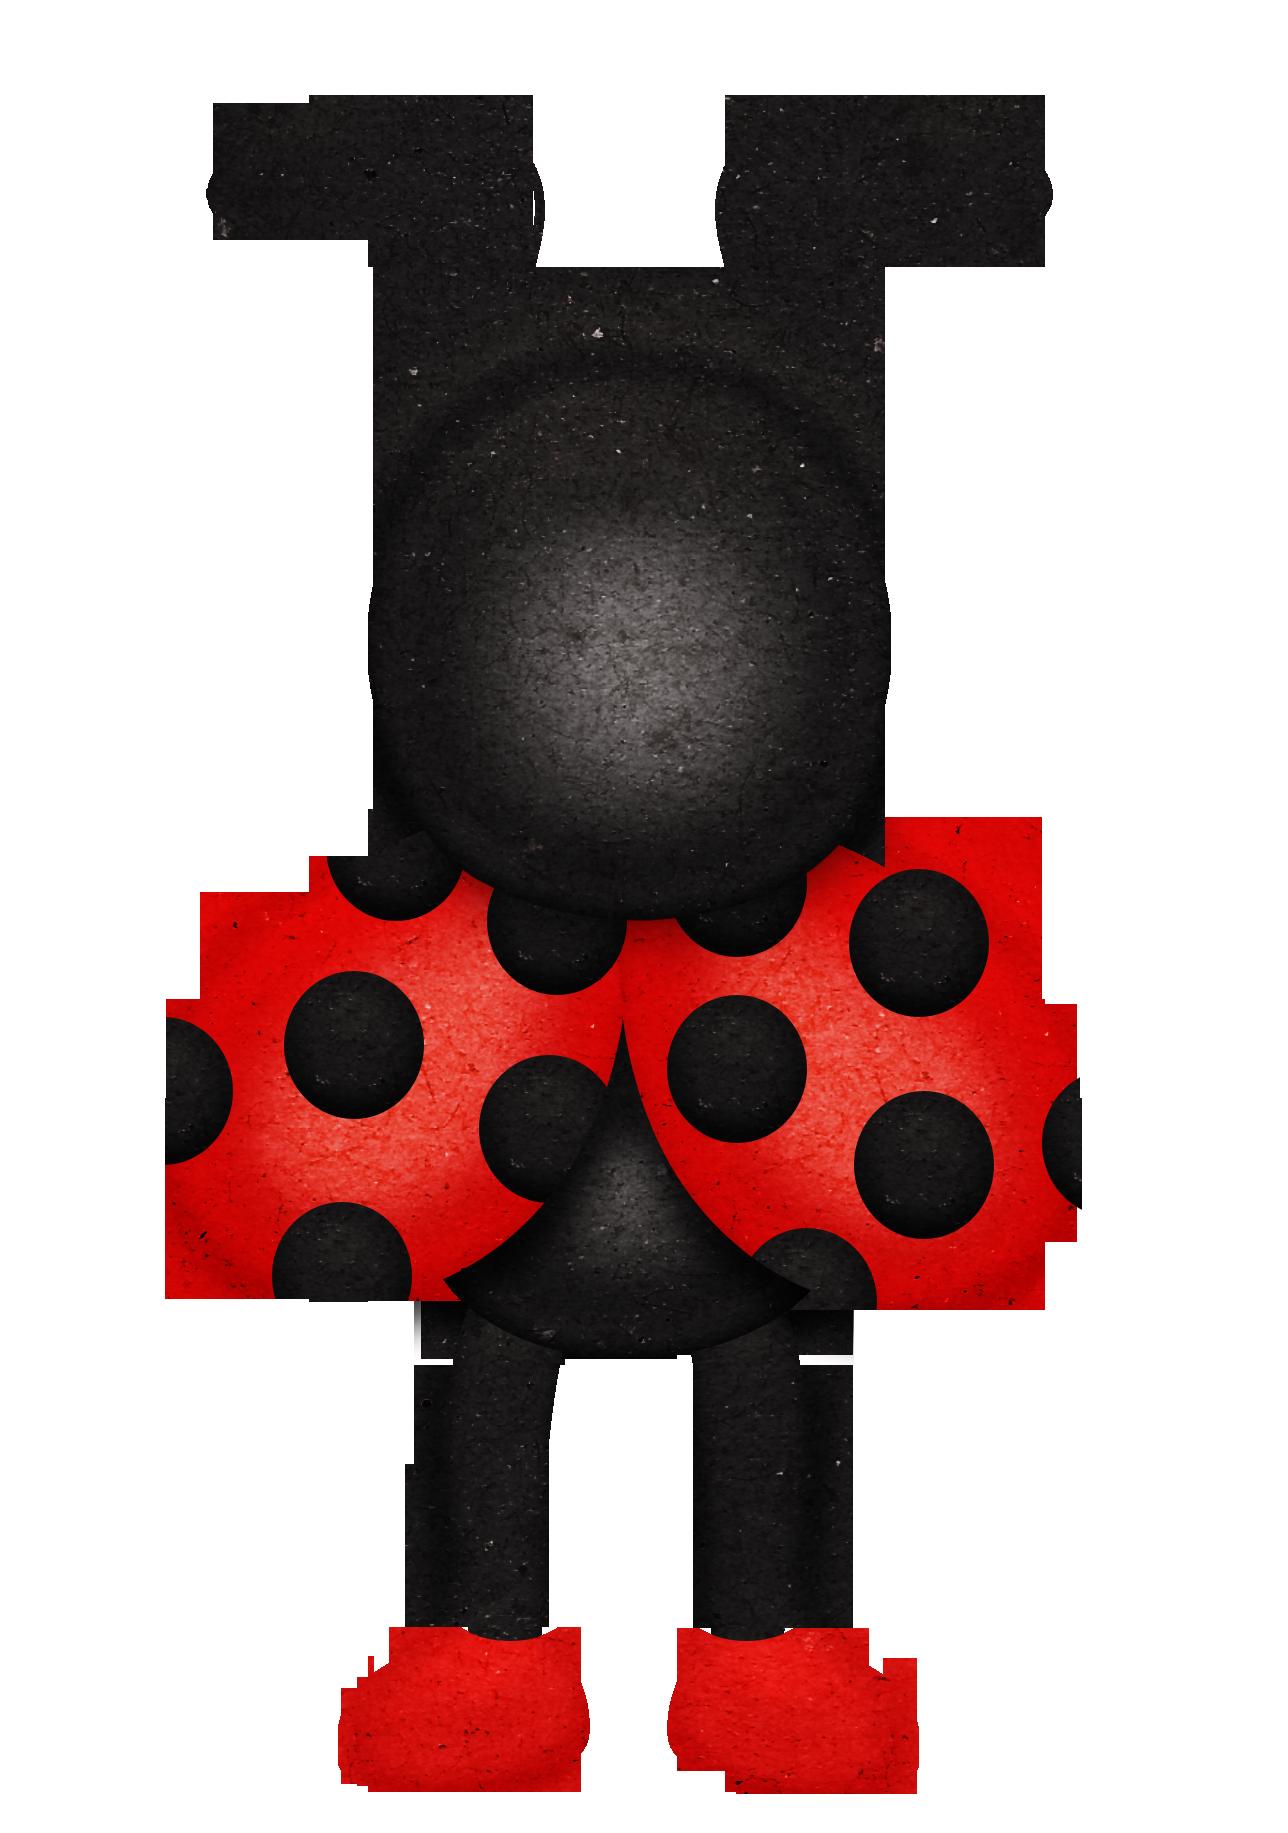 b c a. Hug clipart bug